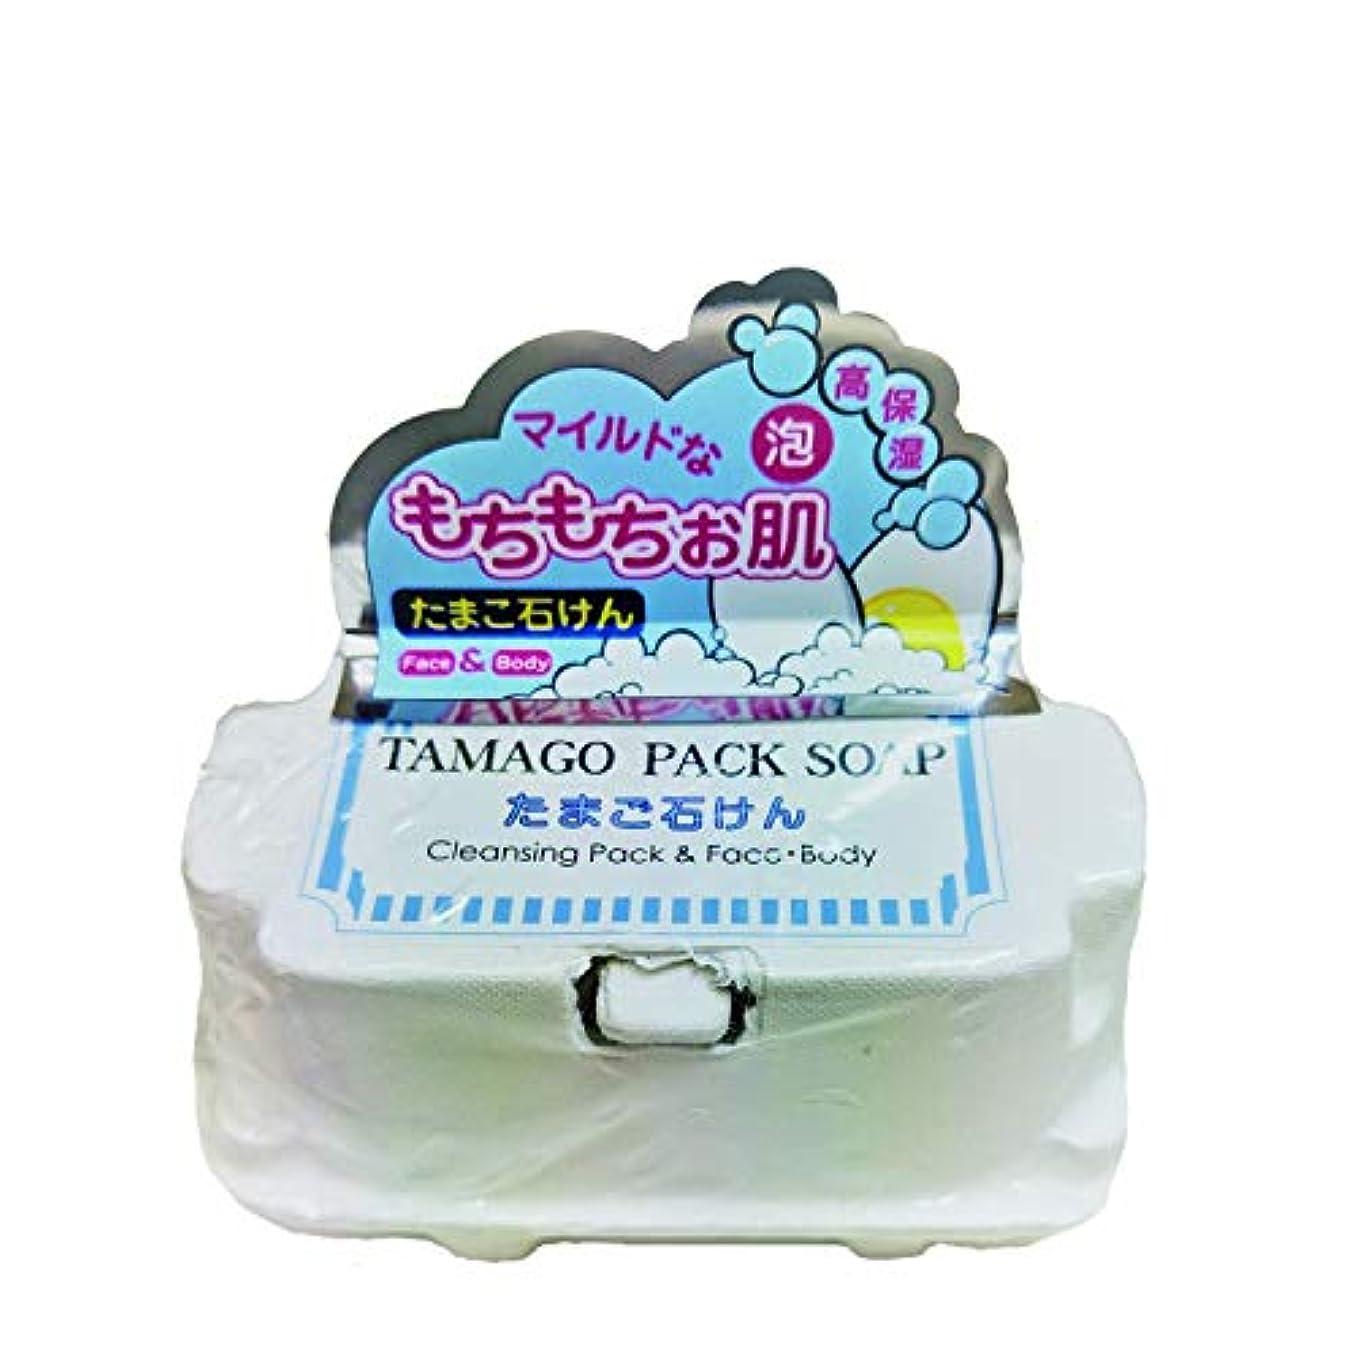 社会科まぶしさ将来のシンビジャパン たまご石けん TAMAGO PACK SOAP フェイス?ボディ用 50g×2個入